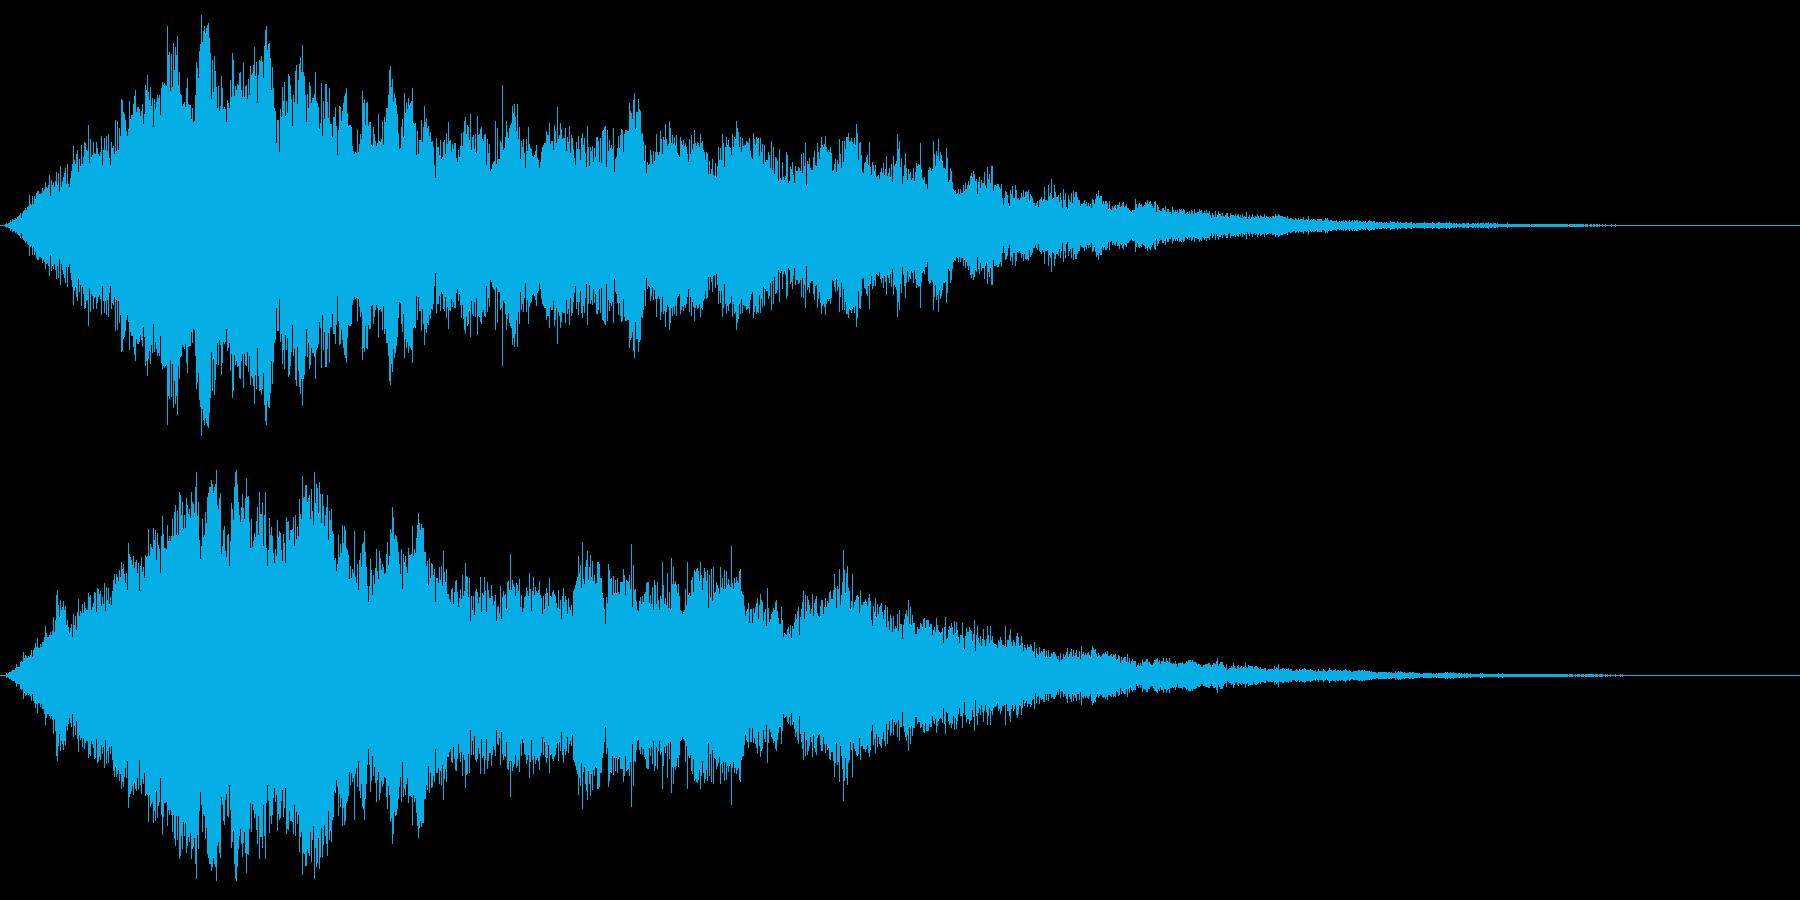 【アンビエント】映画タイトルロゴ_07の再生済みの波形